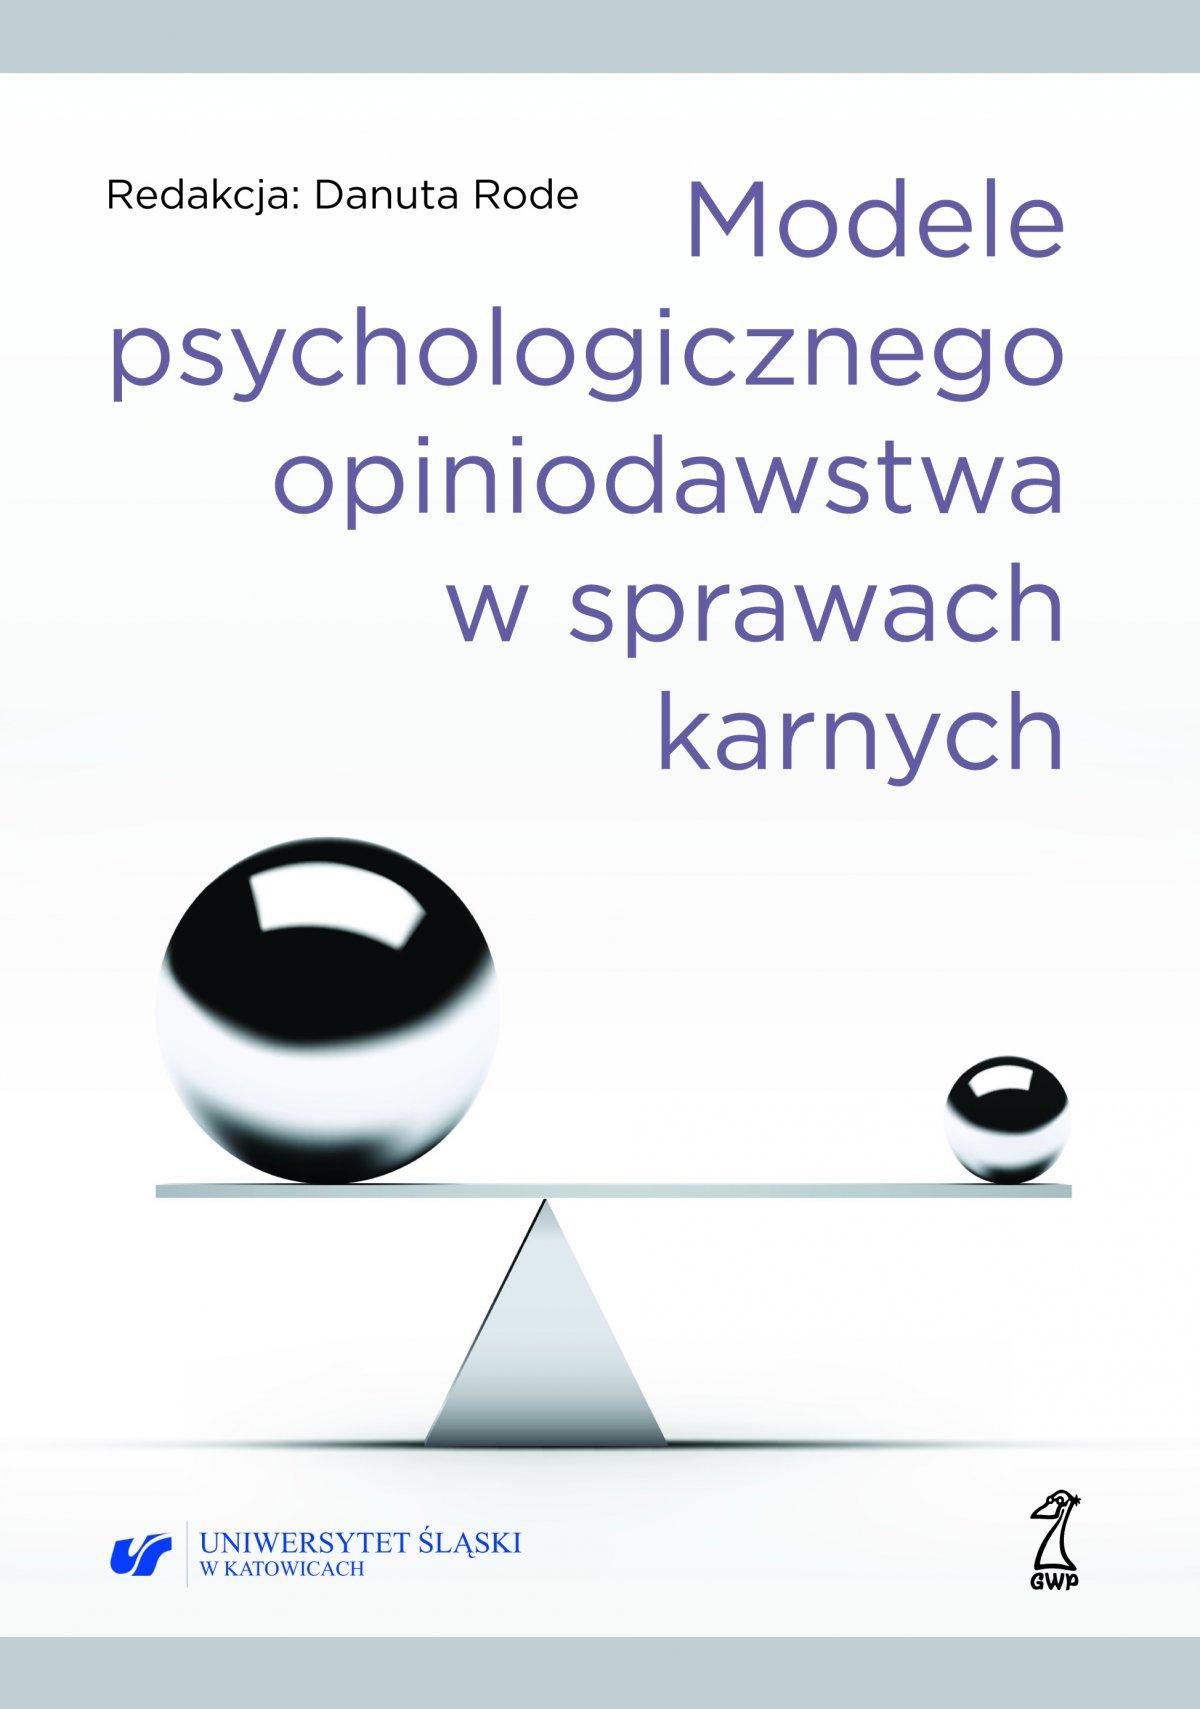 Modele psychologicznego opiniodawstwa w sprawach karnych - Ebook (Książka na Kindle) do pobrania w formacie MOBI